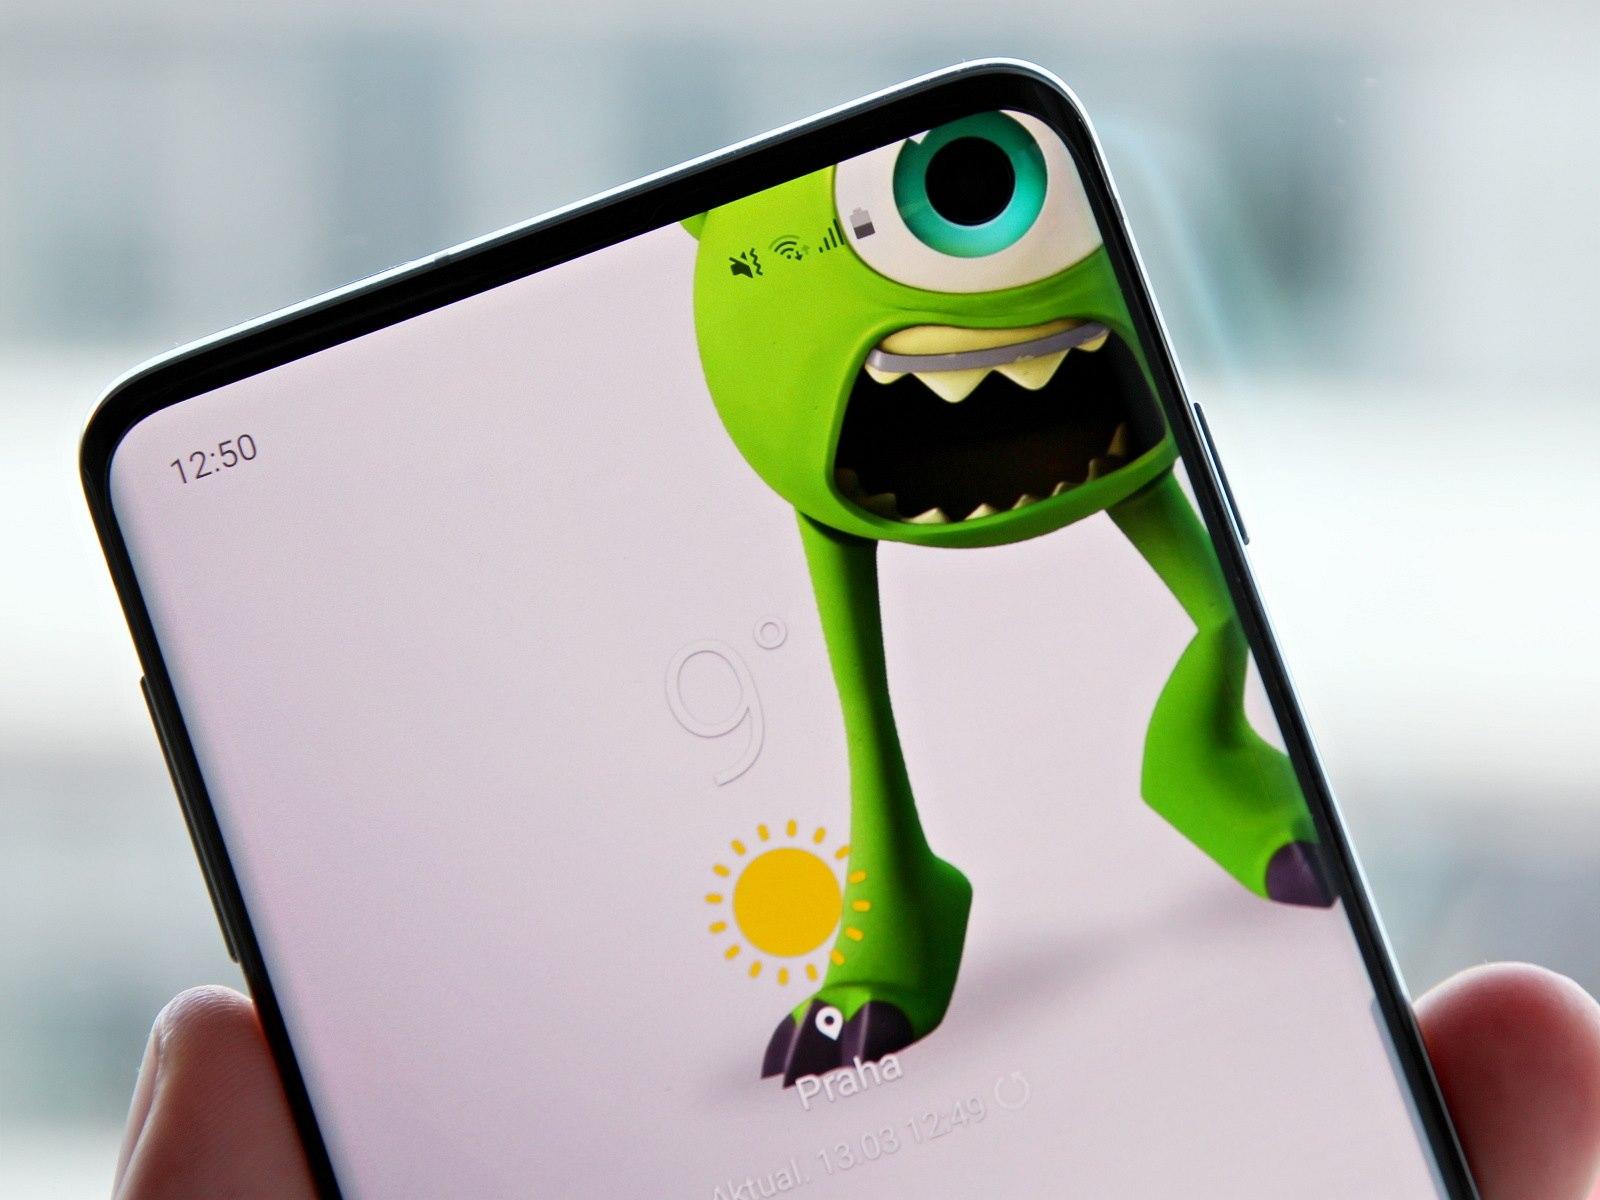 d539f1bda Obrázky využívající dvojitého průstřelu displeje u nového Samsungu S10+  jsme vyhodnotili jako povedené, ovšem menší